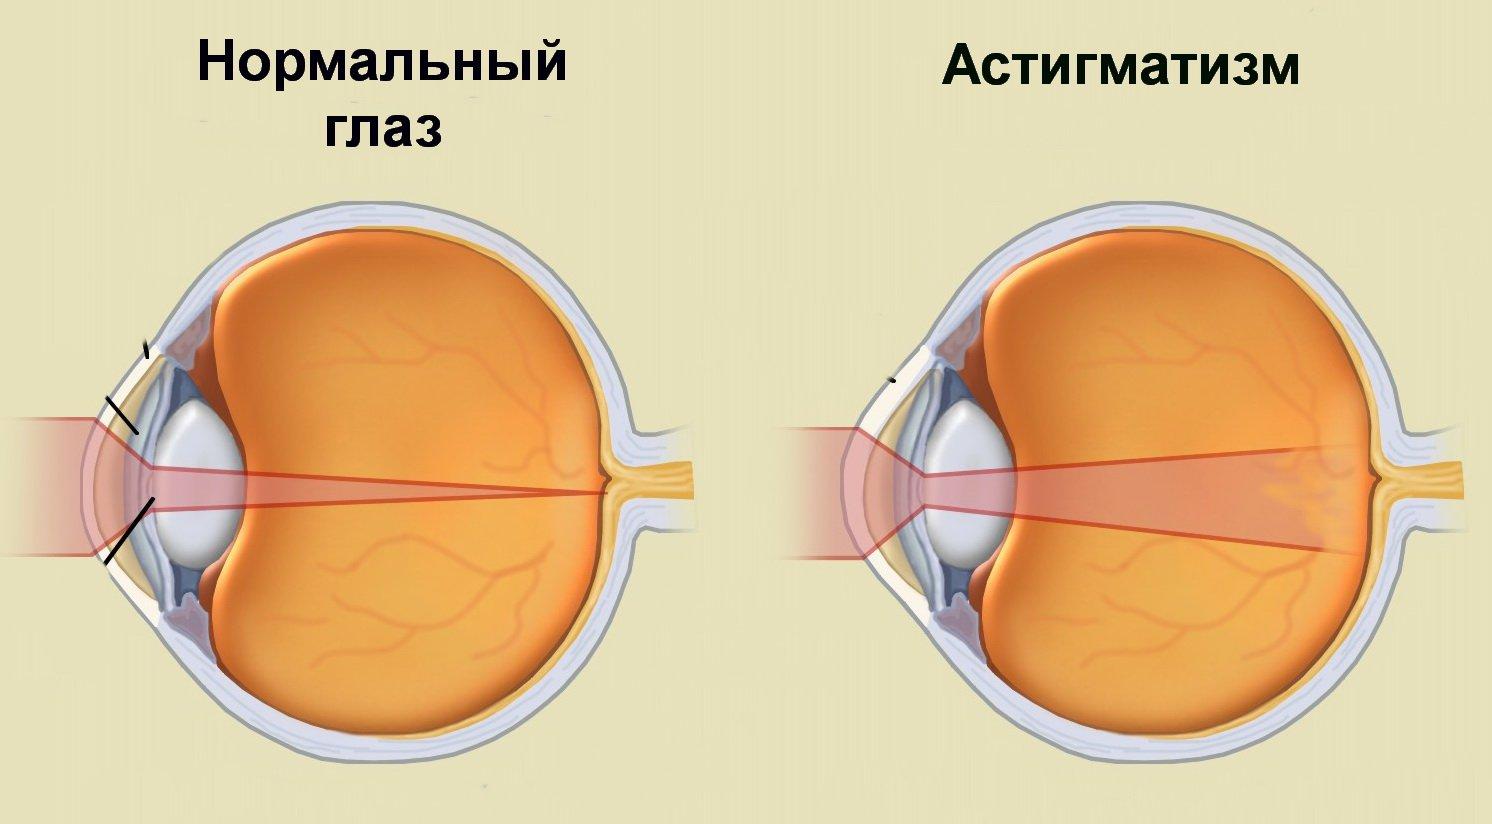 látás a műtét után az időseknél hyperopia van